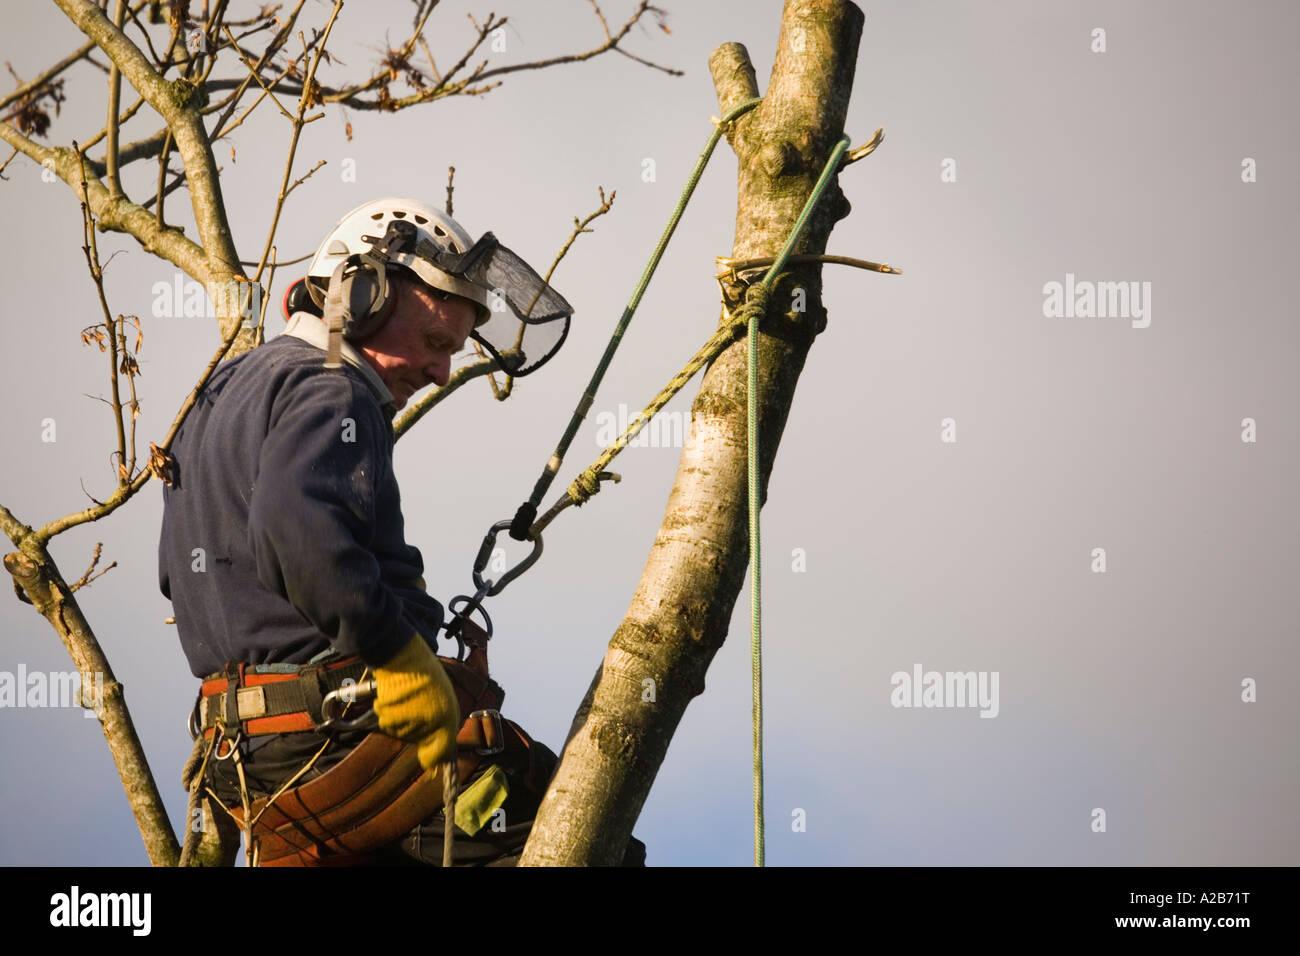 Klettergurt Baumpflege Gebraucht : Baumpfleger in aktion helm ohr protektoren gurt für die sicherheit